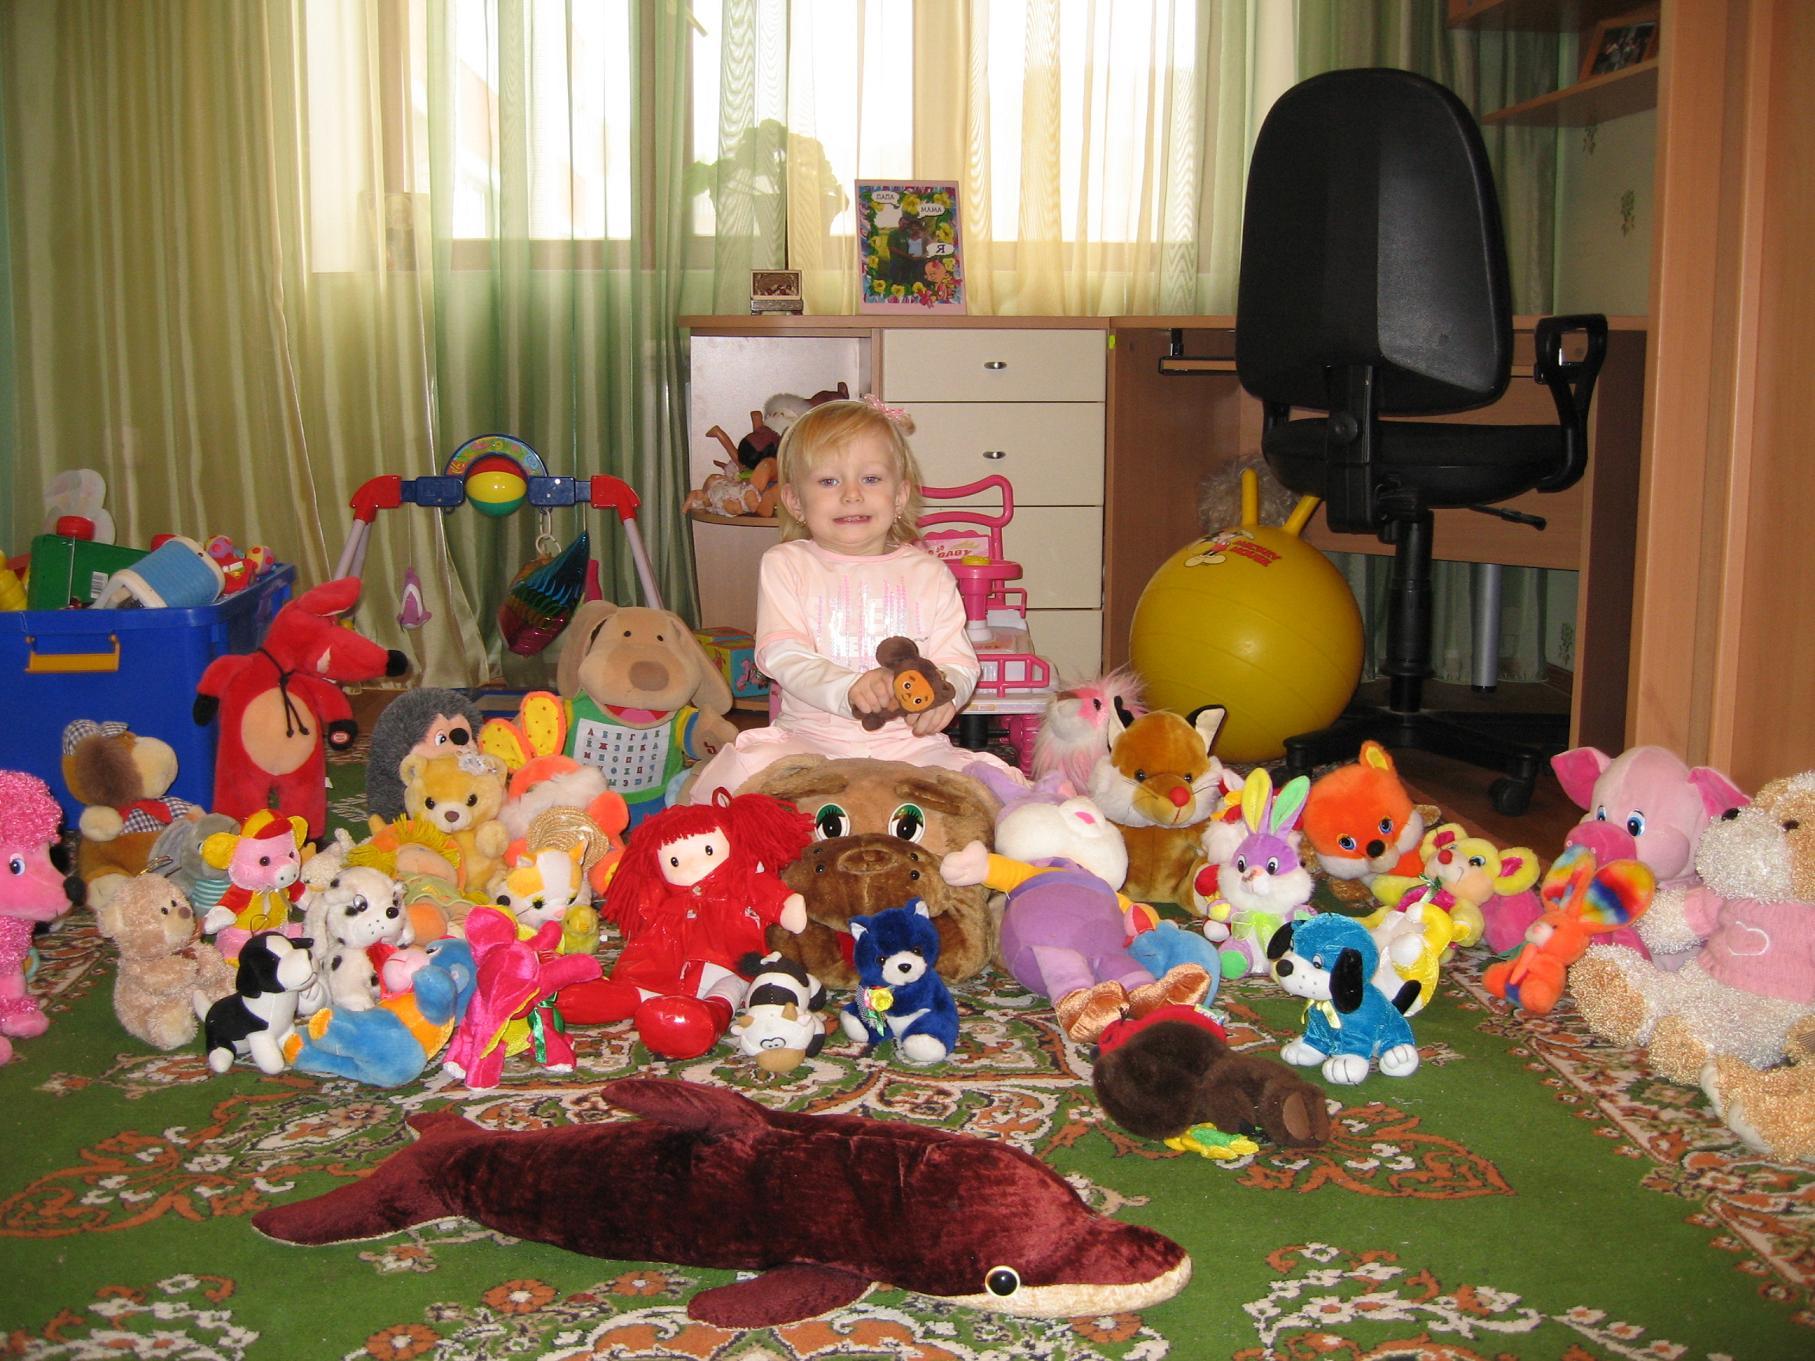 Ксения в совей комнате. Дети с игрушками